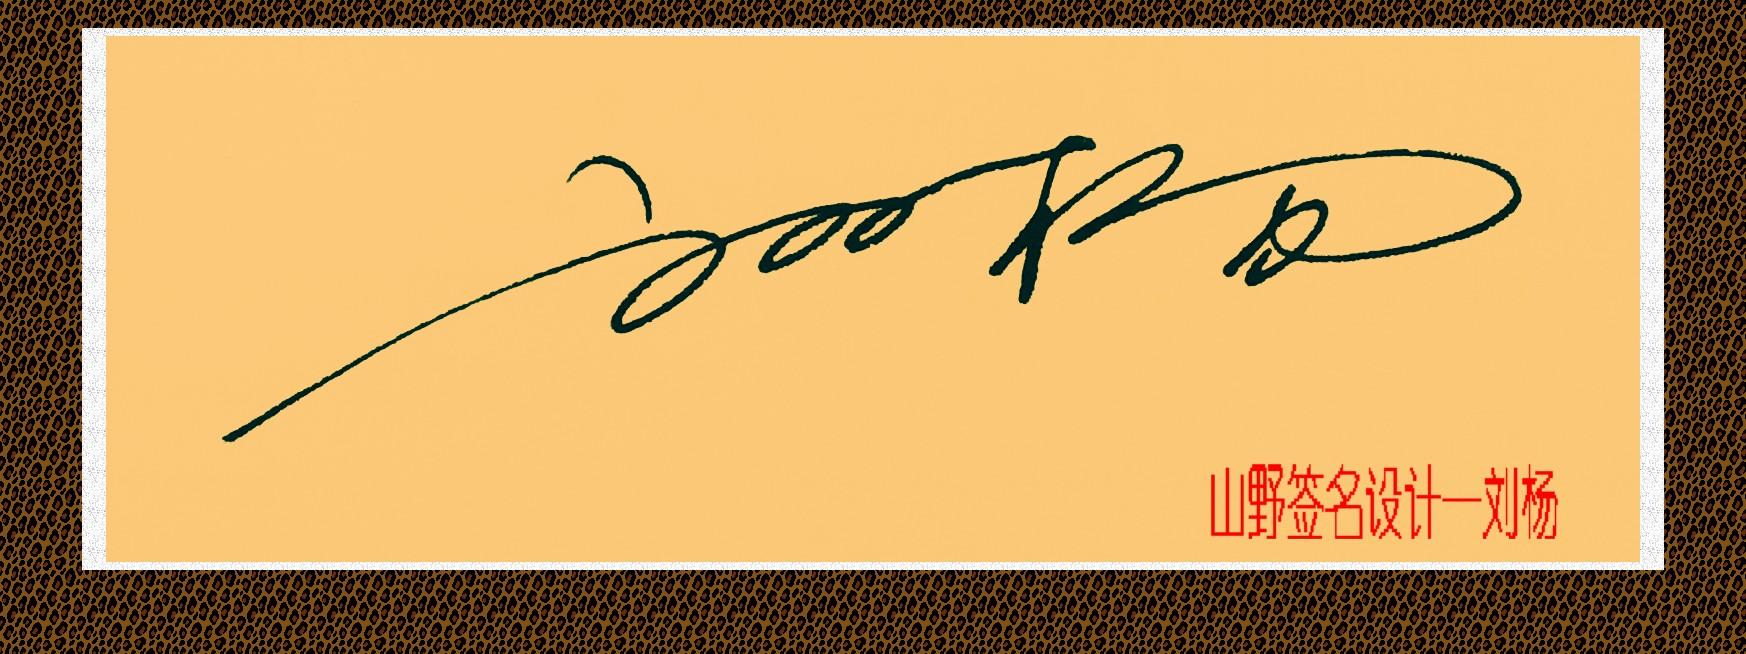 艺术签名设计免费版 我的名字叫刘杨,谁能帮我设计个签名,谢谢了!图片